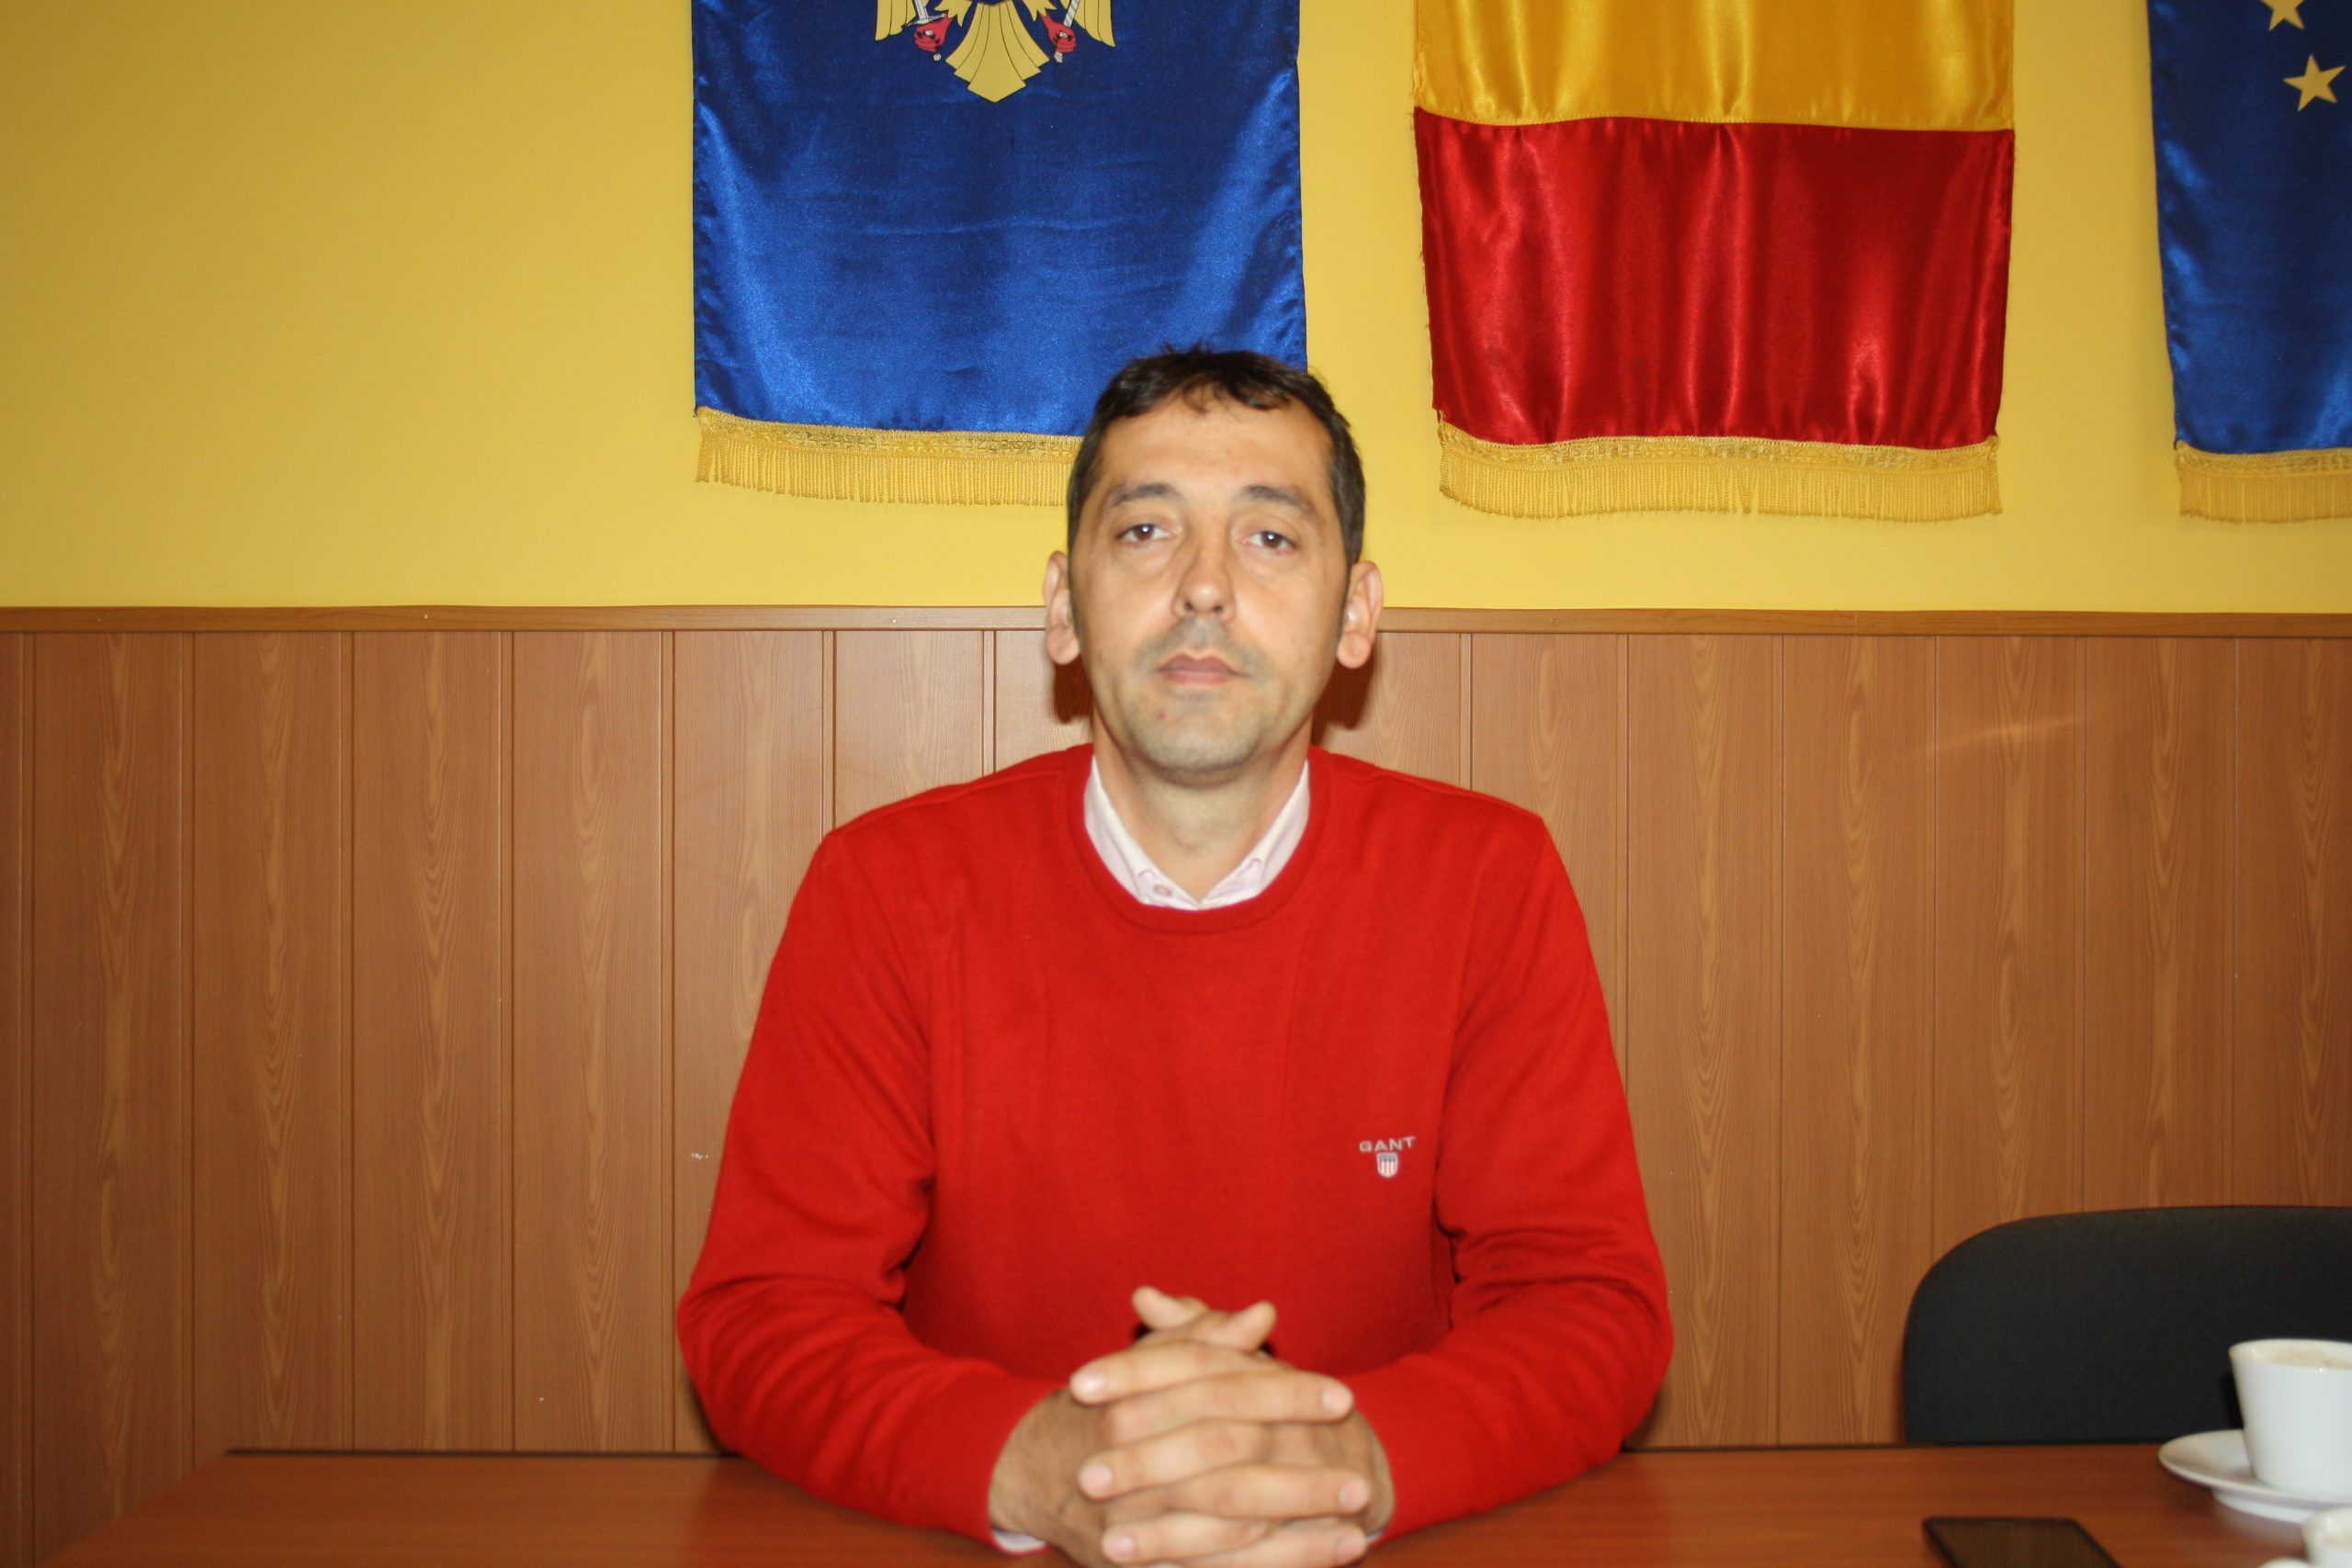 Primarul din Stoileşti premiază excelenţa în educaţie şi răsplăteşte performanţa elevilor şi profesorilor